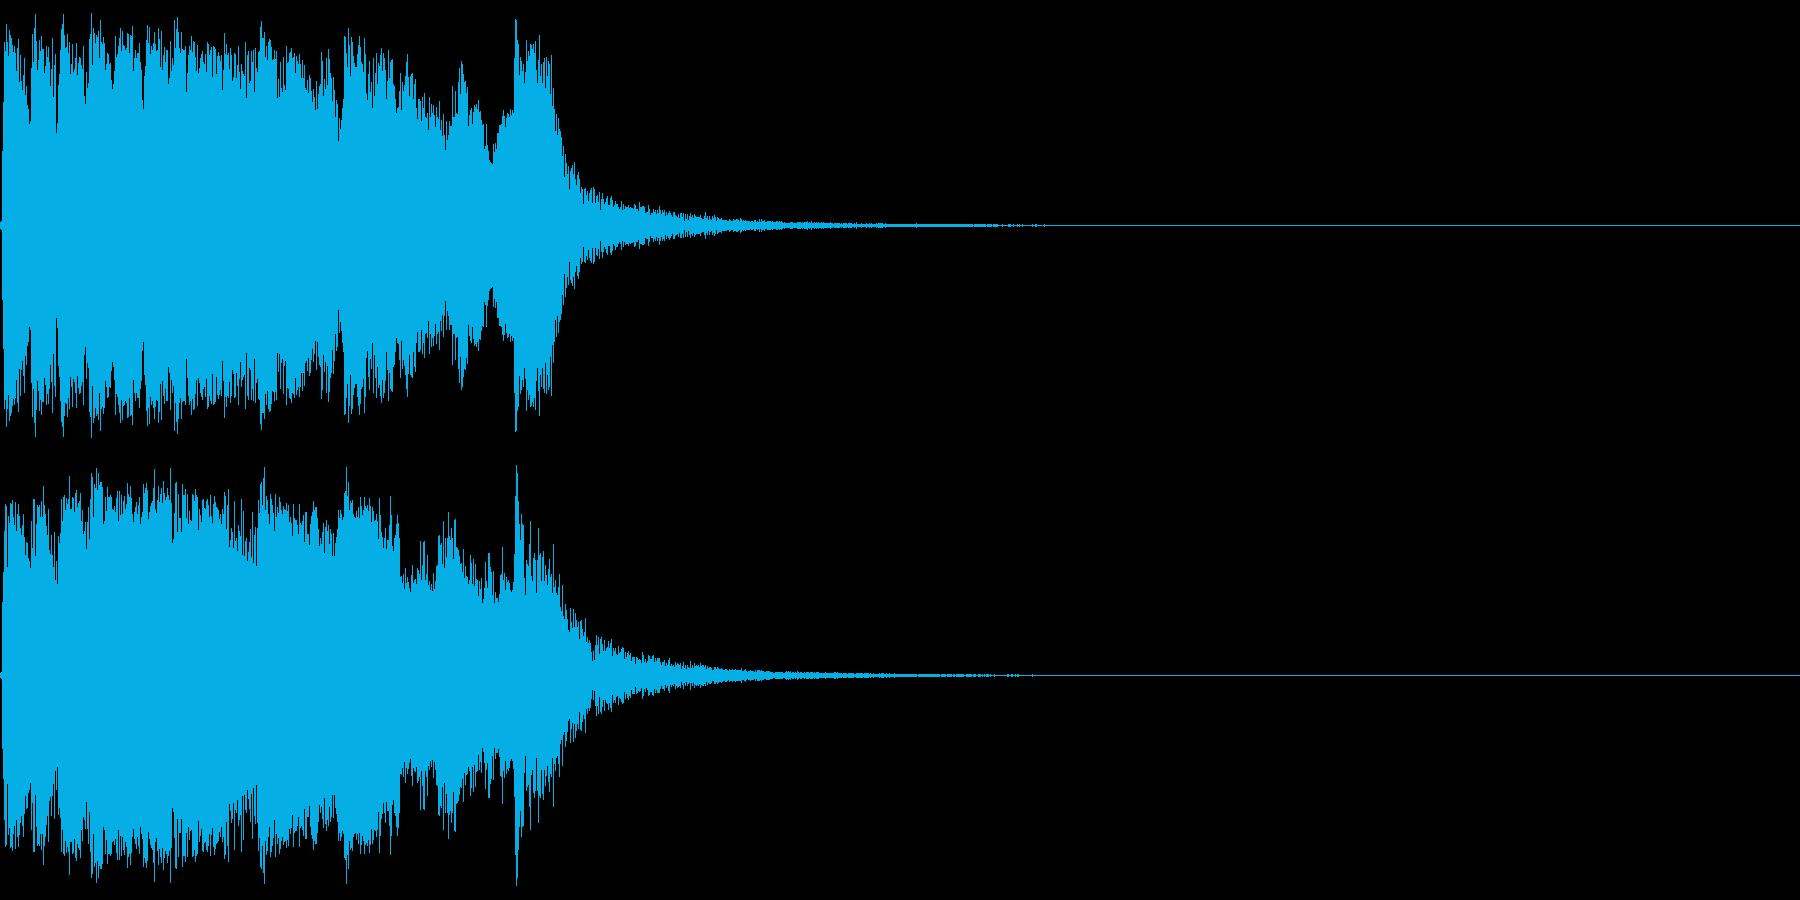 ファンファーレ 当たり 正解 合格 03の再生済みの波形